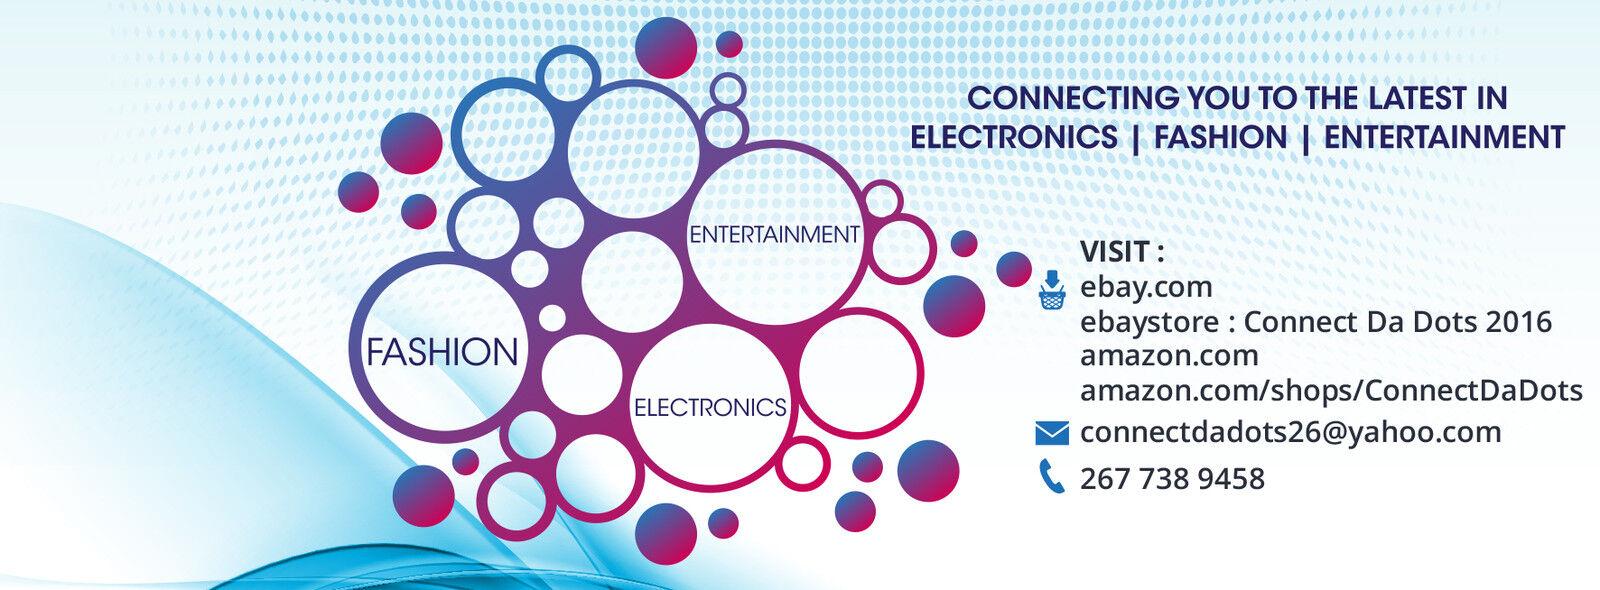 Connect DA Dots 2016